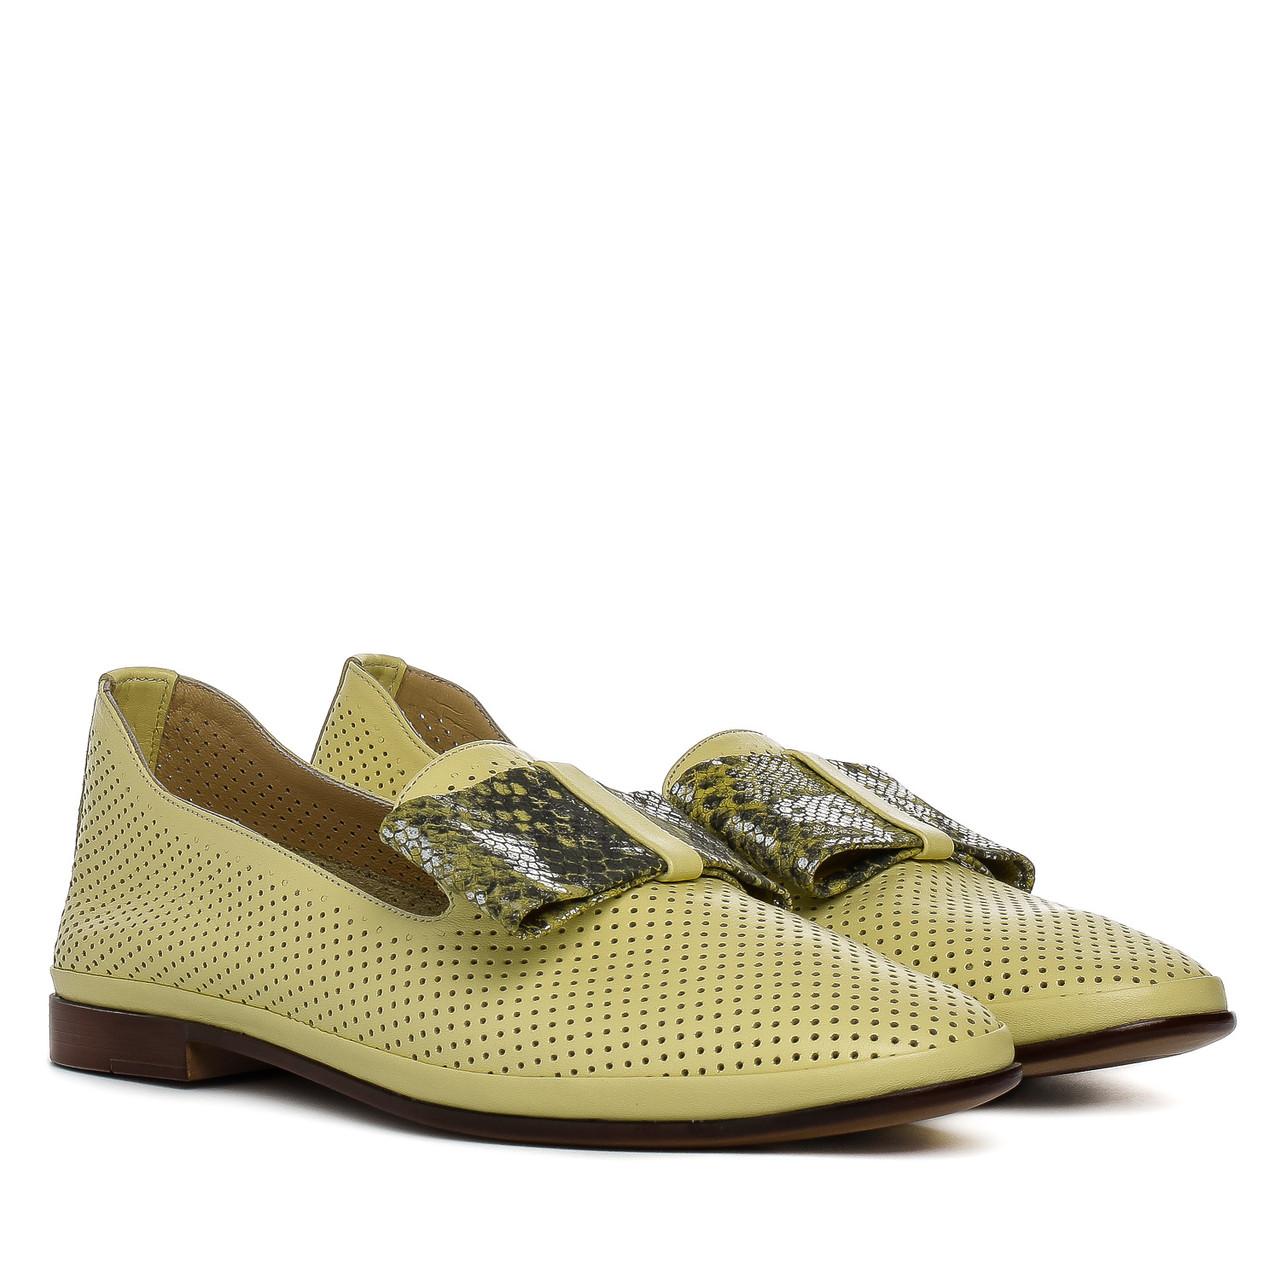 Туфли женские AQUAMARIN (натуральные, желтого цвета, с модным бантом)